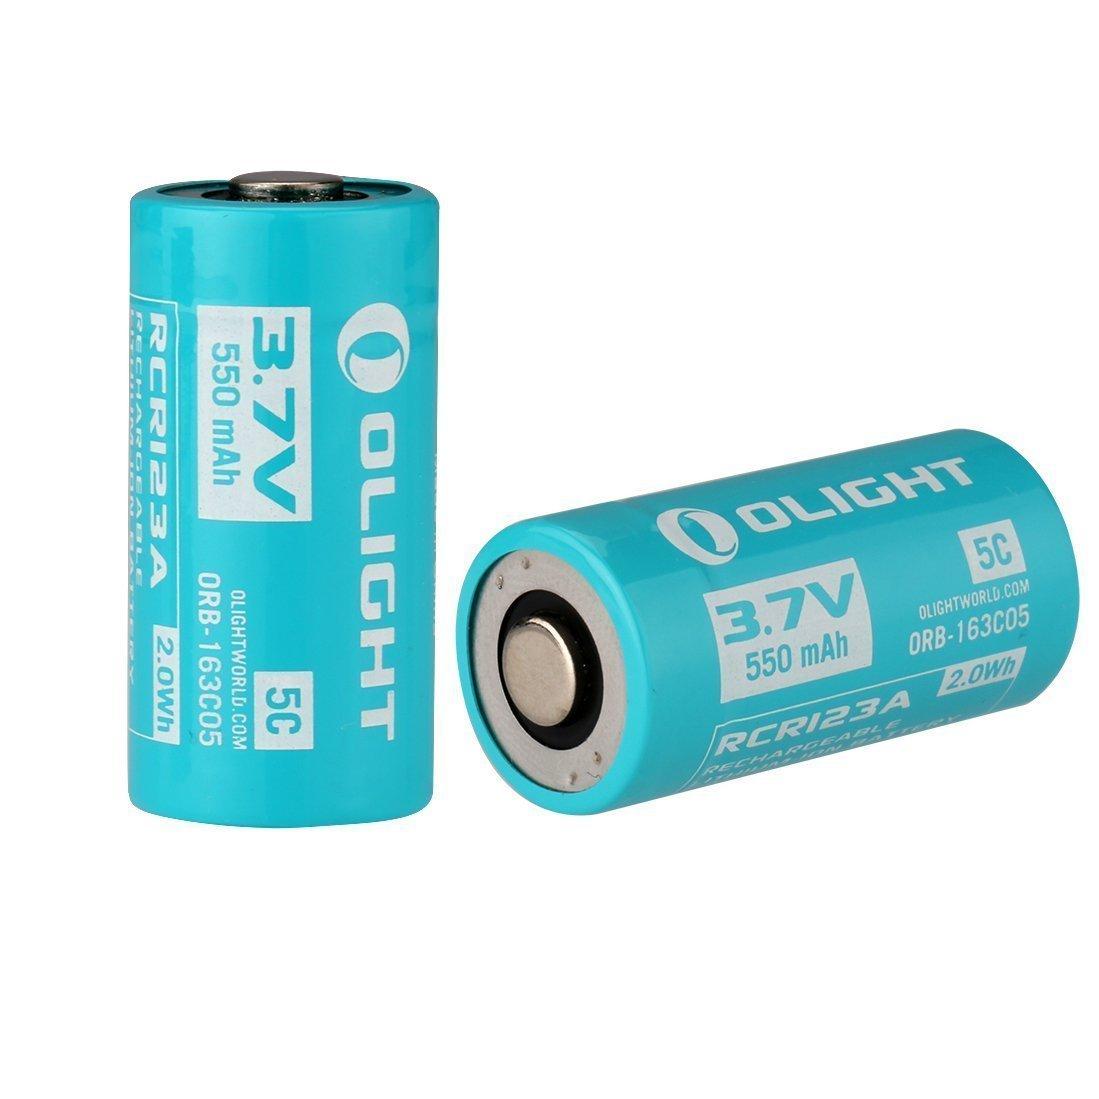 Olight® 16340 RCR123A 550mAh batería 5C de iones de litio , recargable y protegida - 2-pack (original y personalizado para S1R Baton linterna)